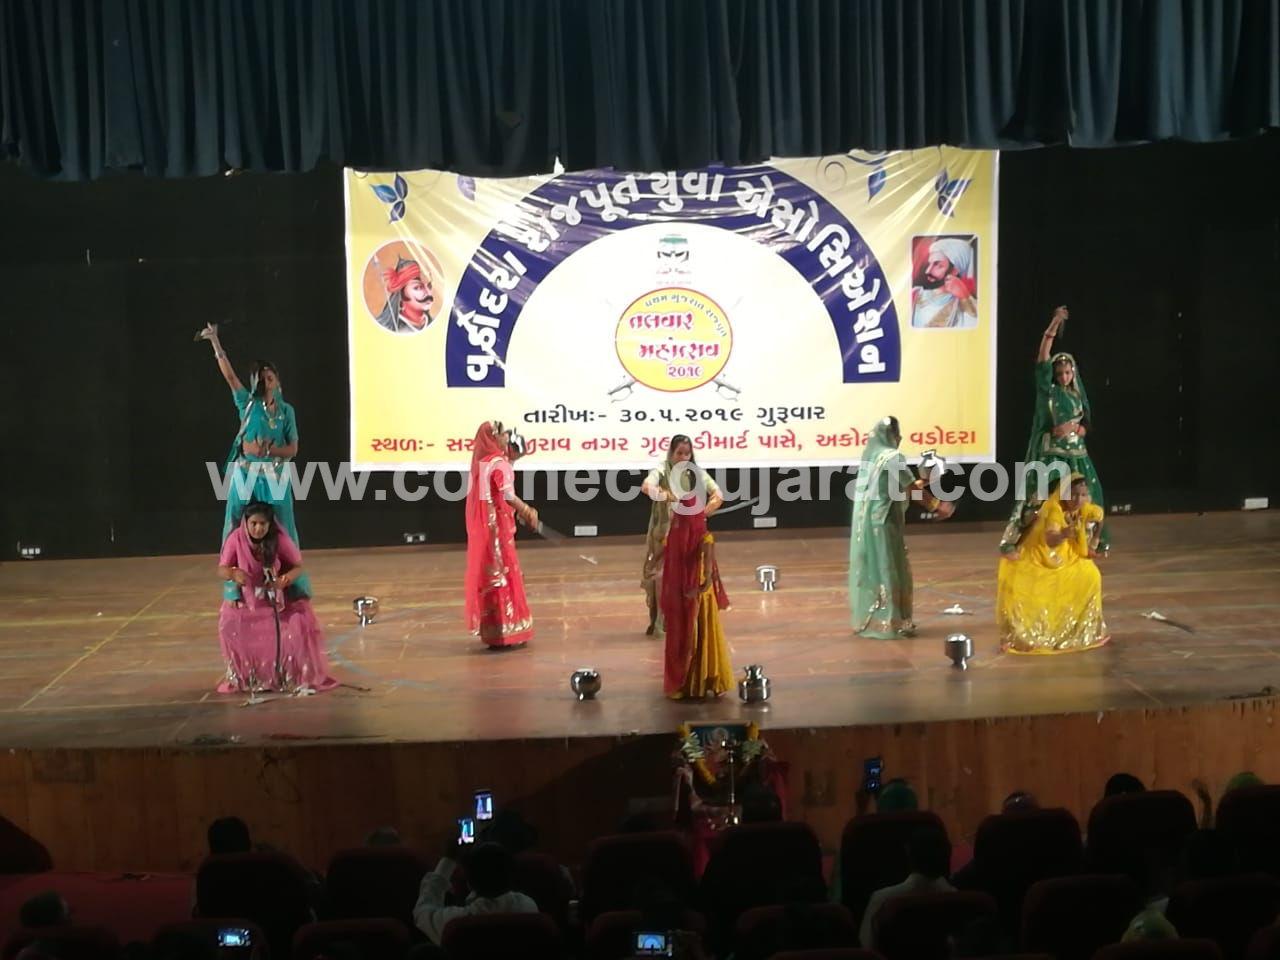 વડોદરા: રાજપૂત યુવા એસોસિયેશન દ્વારા ગુજરાતમાં પ્રથમવાર યોજાઇ તલવારબાજી સ્પર્ધા